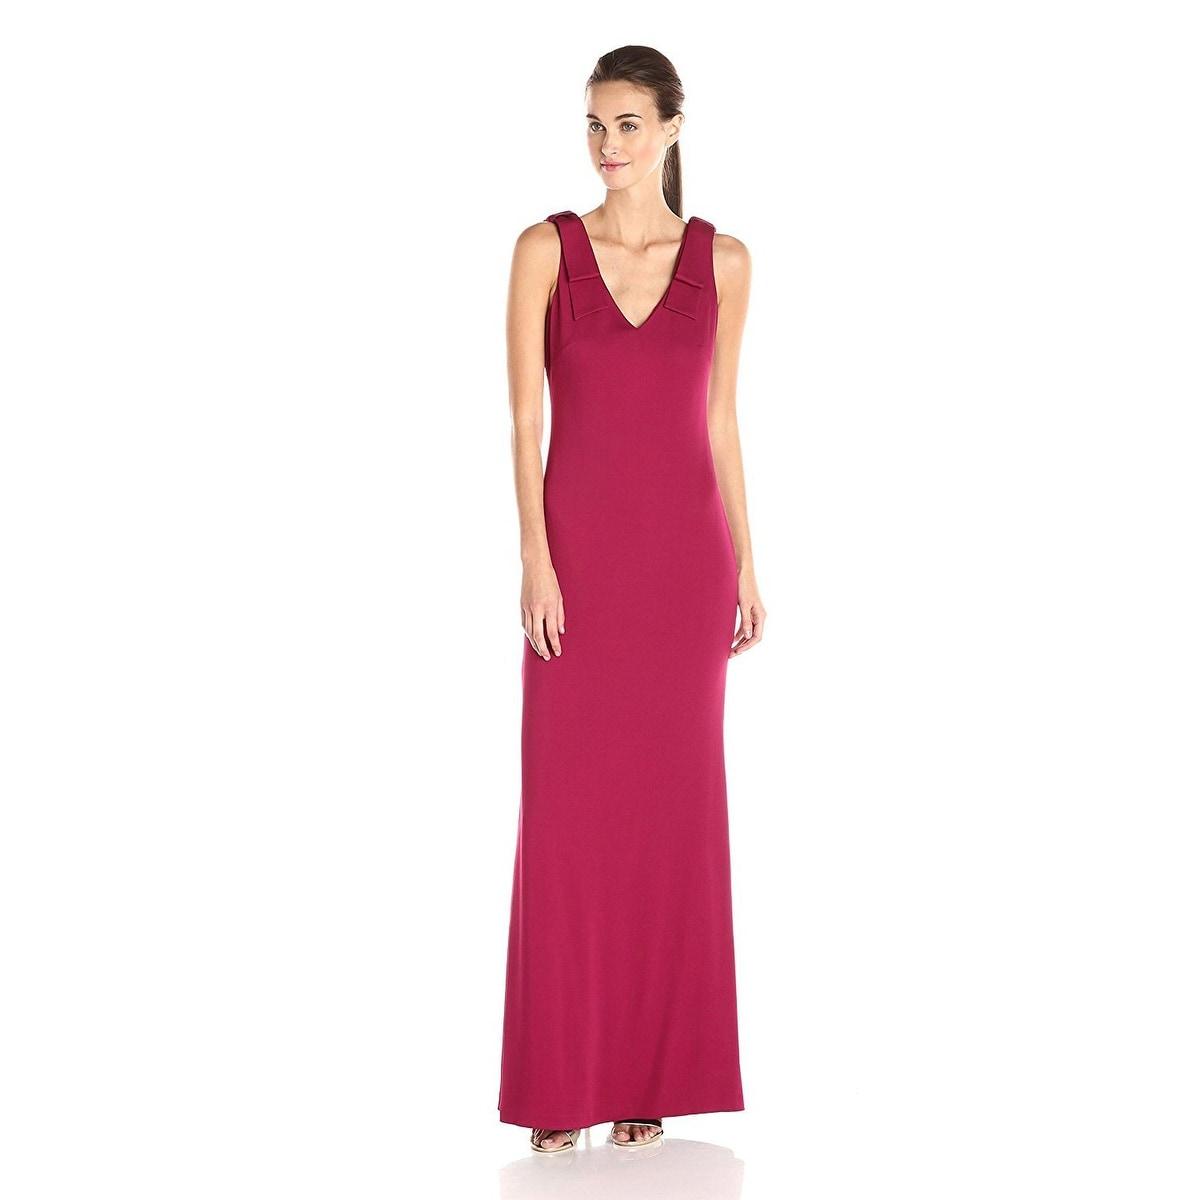 Shop Nicole Miller Stretch Crepe Bow Shoulder V-Neck Evening Gown ...